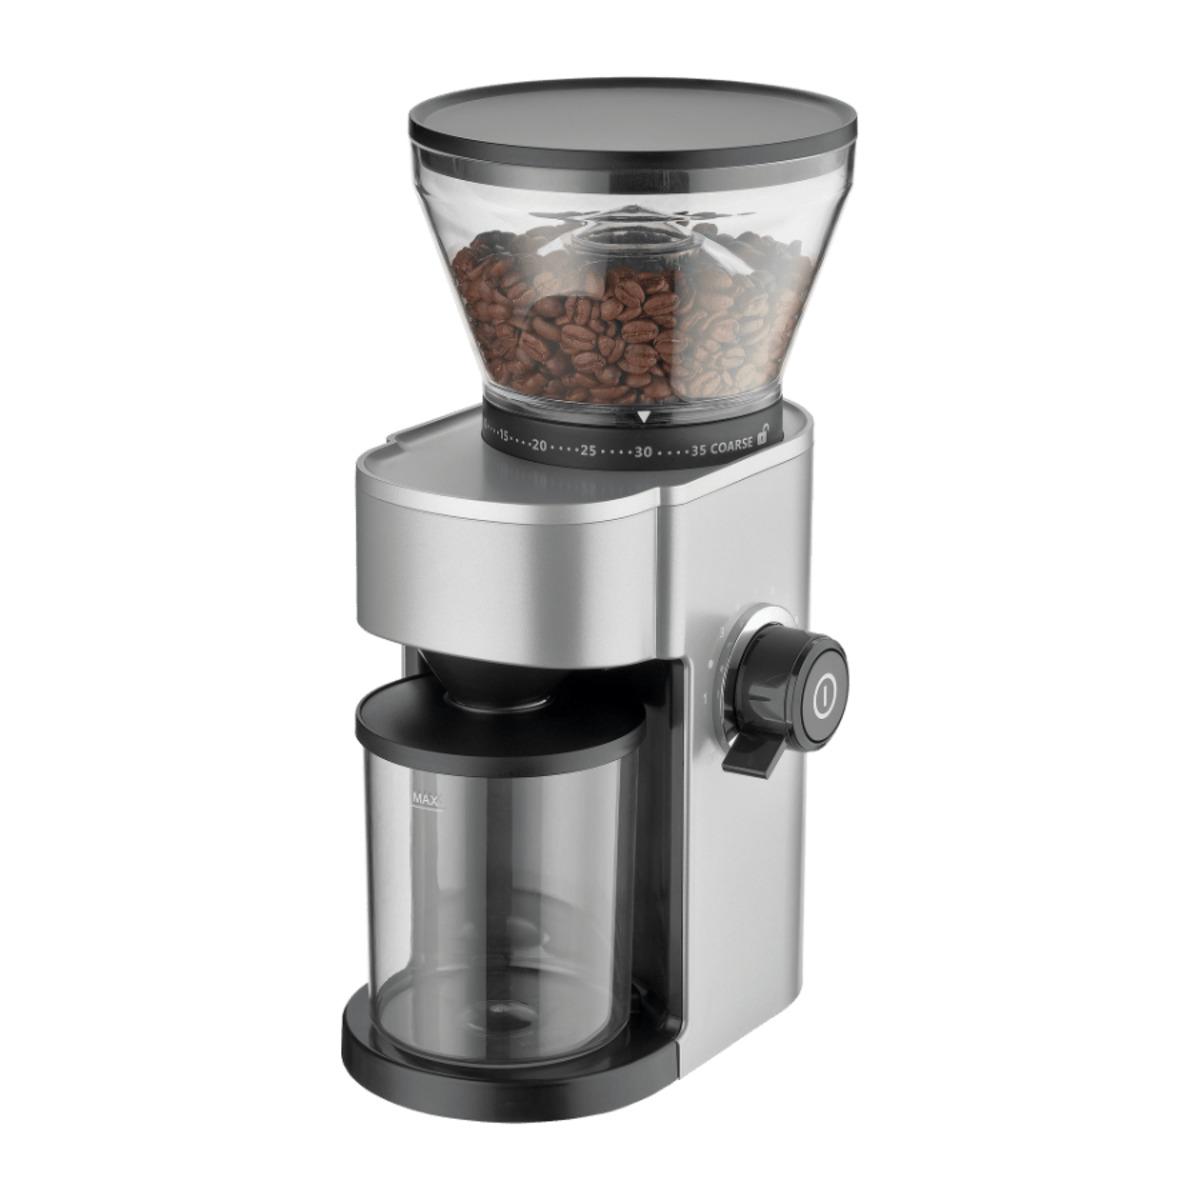 Bild 2 von QUIGG     Elektrische Kaffeemühle GT-CGC-02